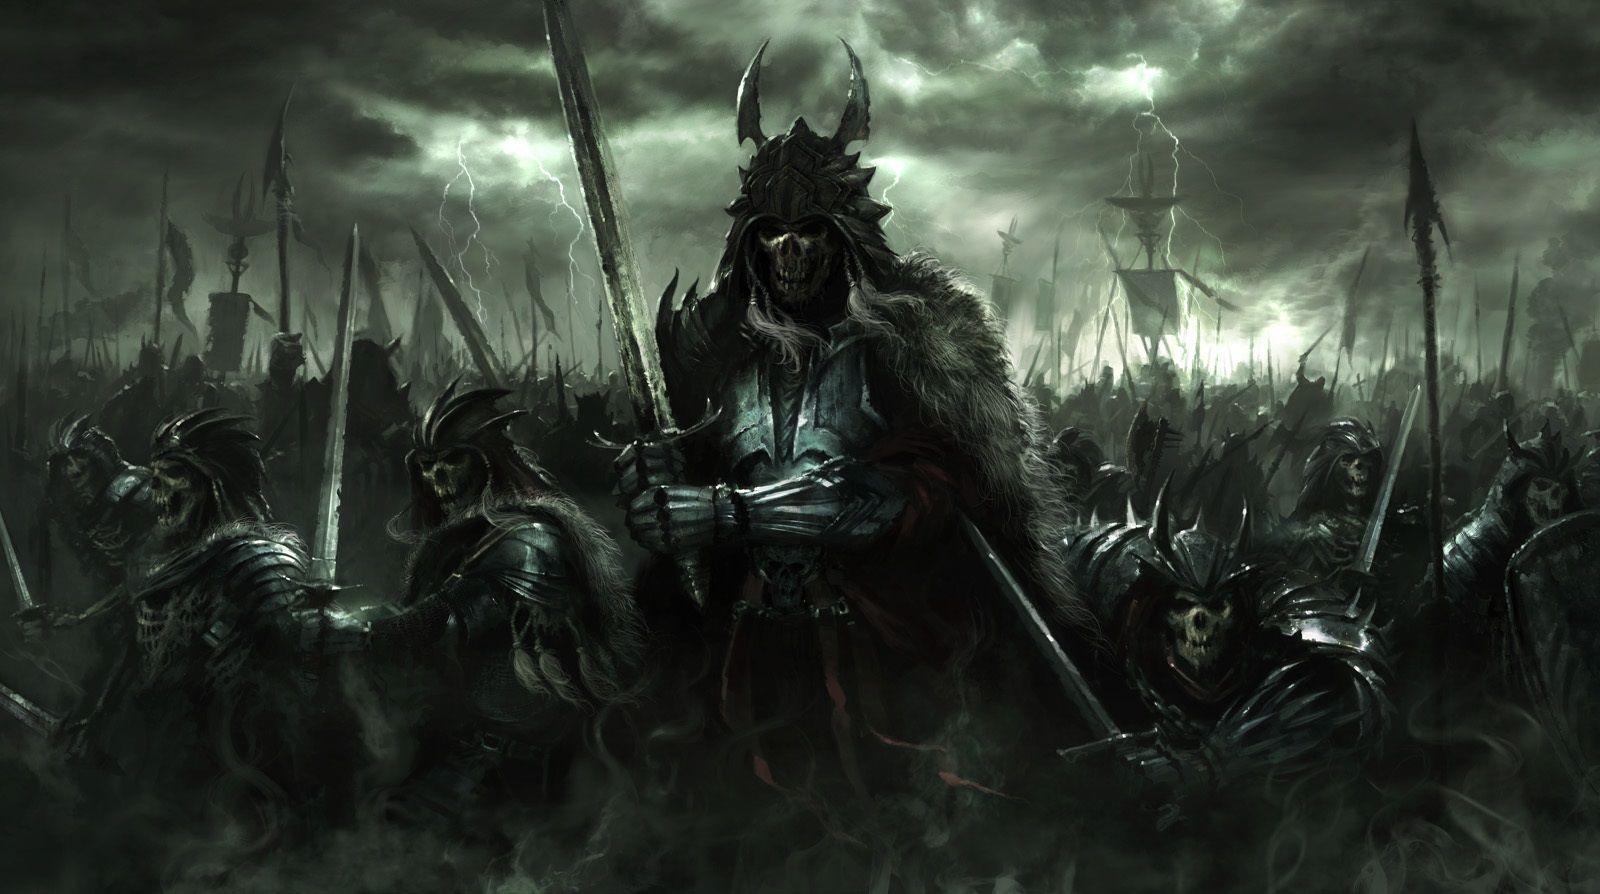 Darknes